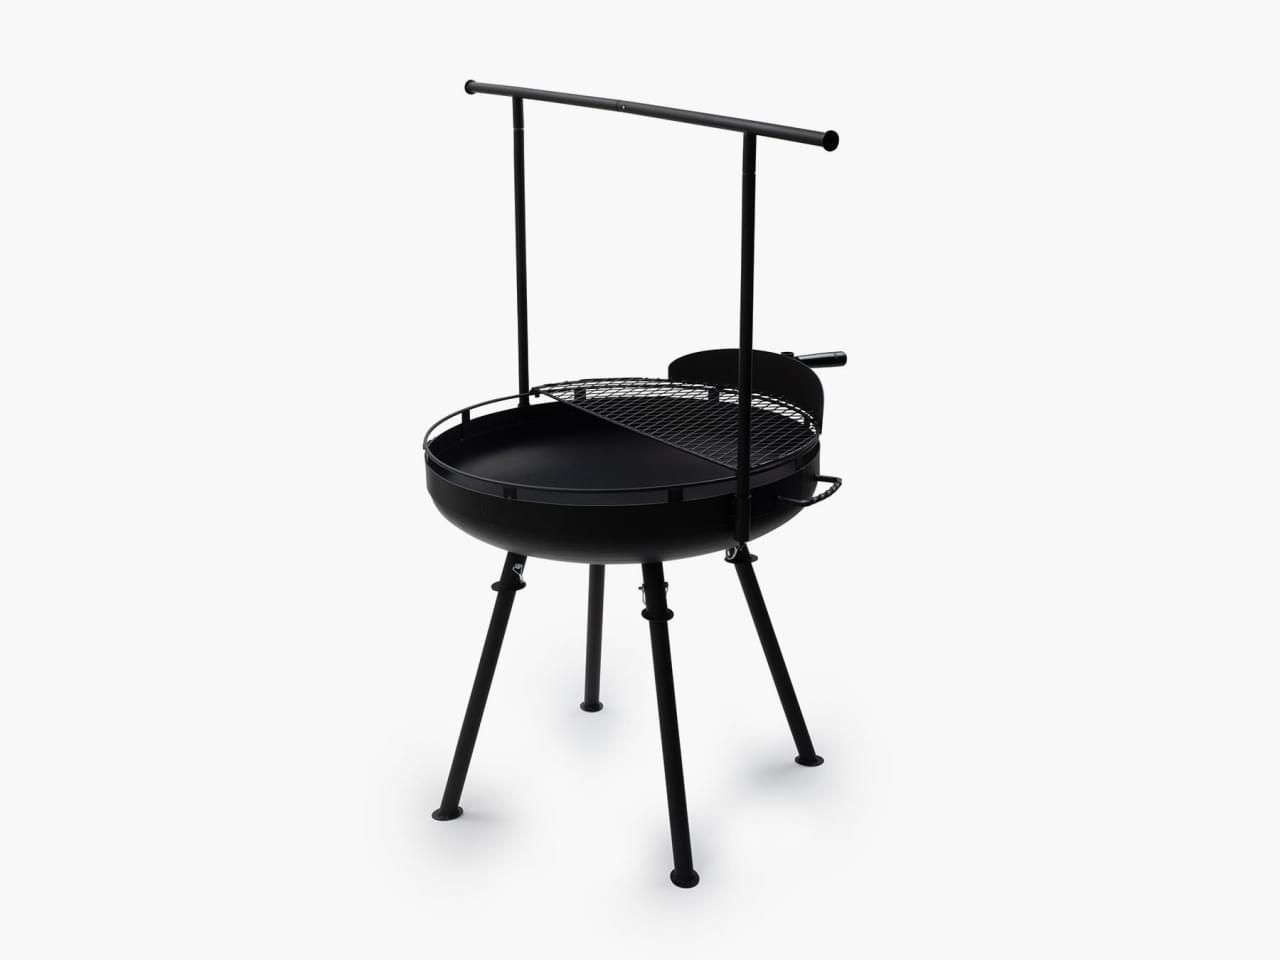 Barebones Barebones Cowboy Fire Pit Grill System Buitenkeuken